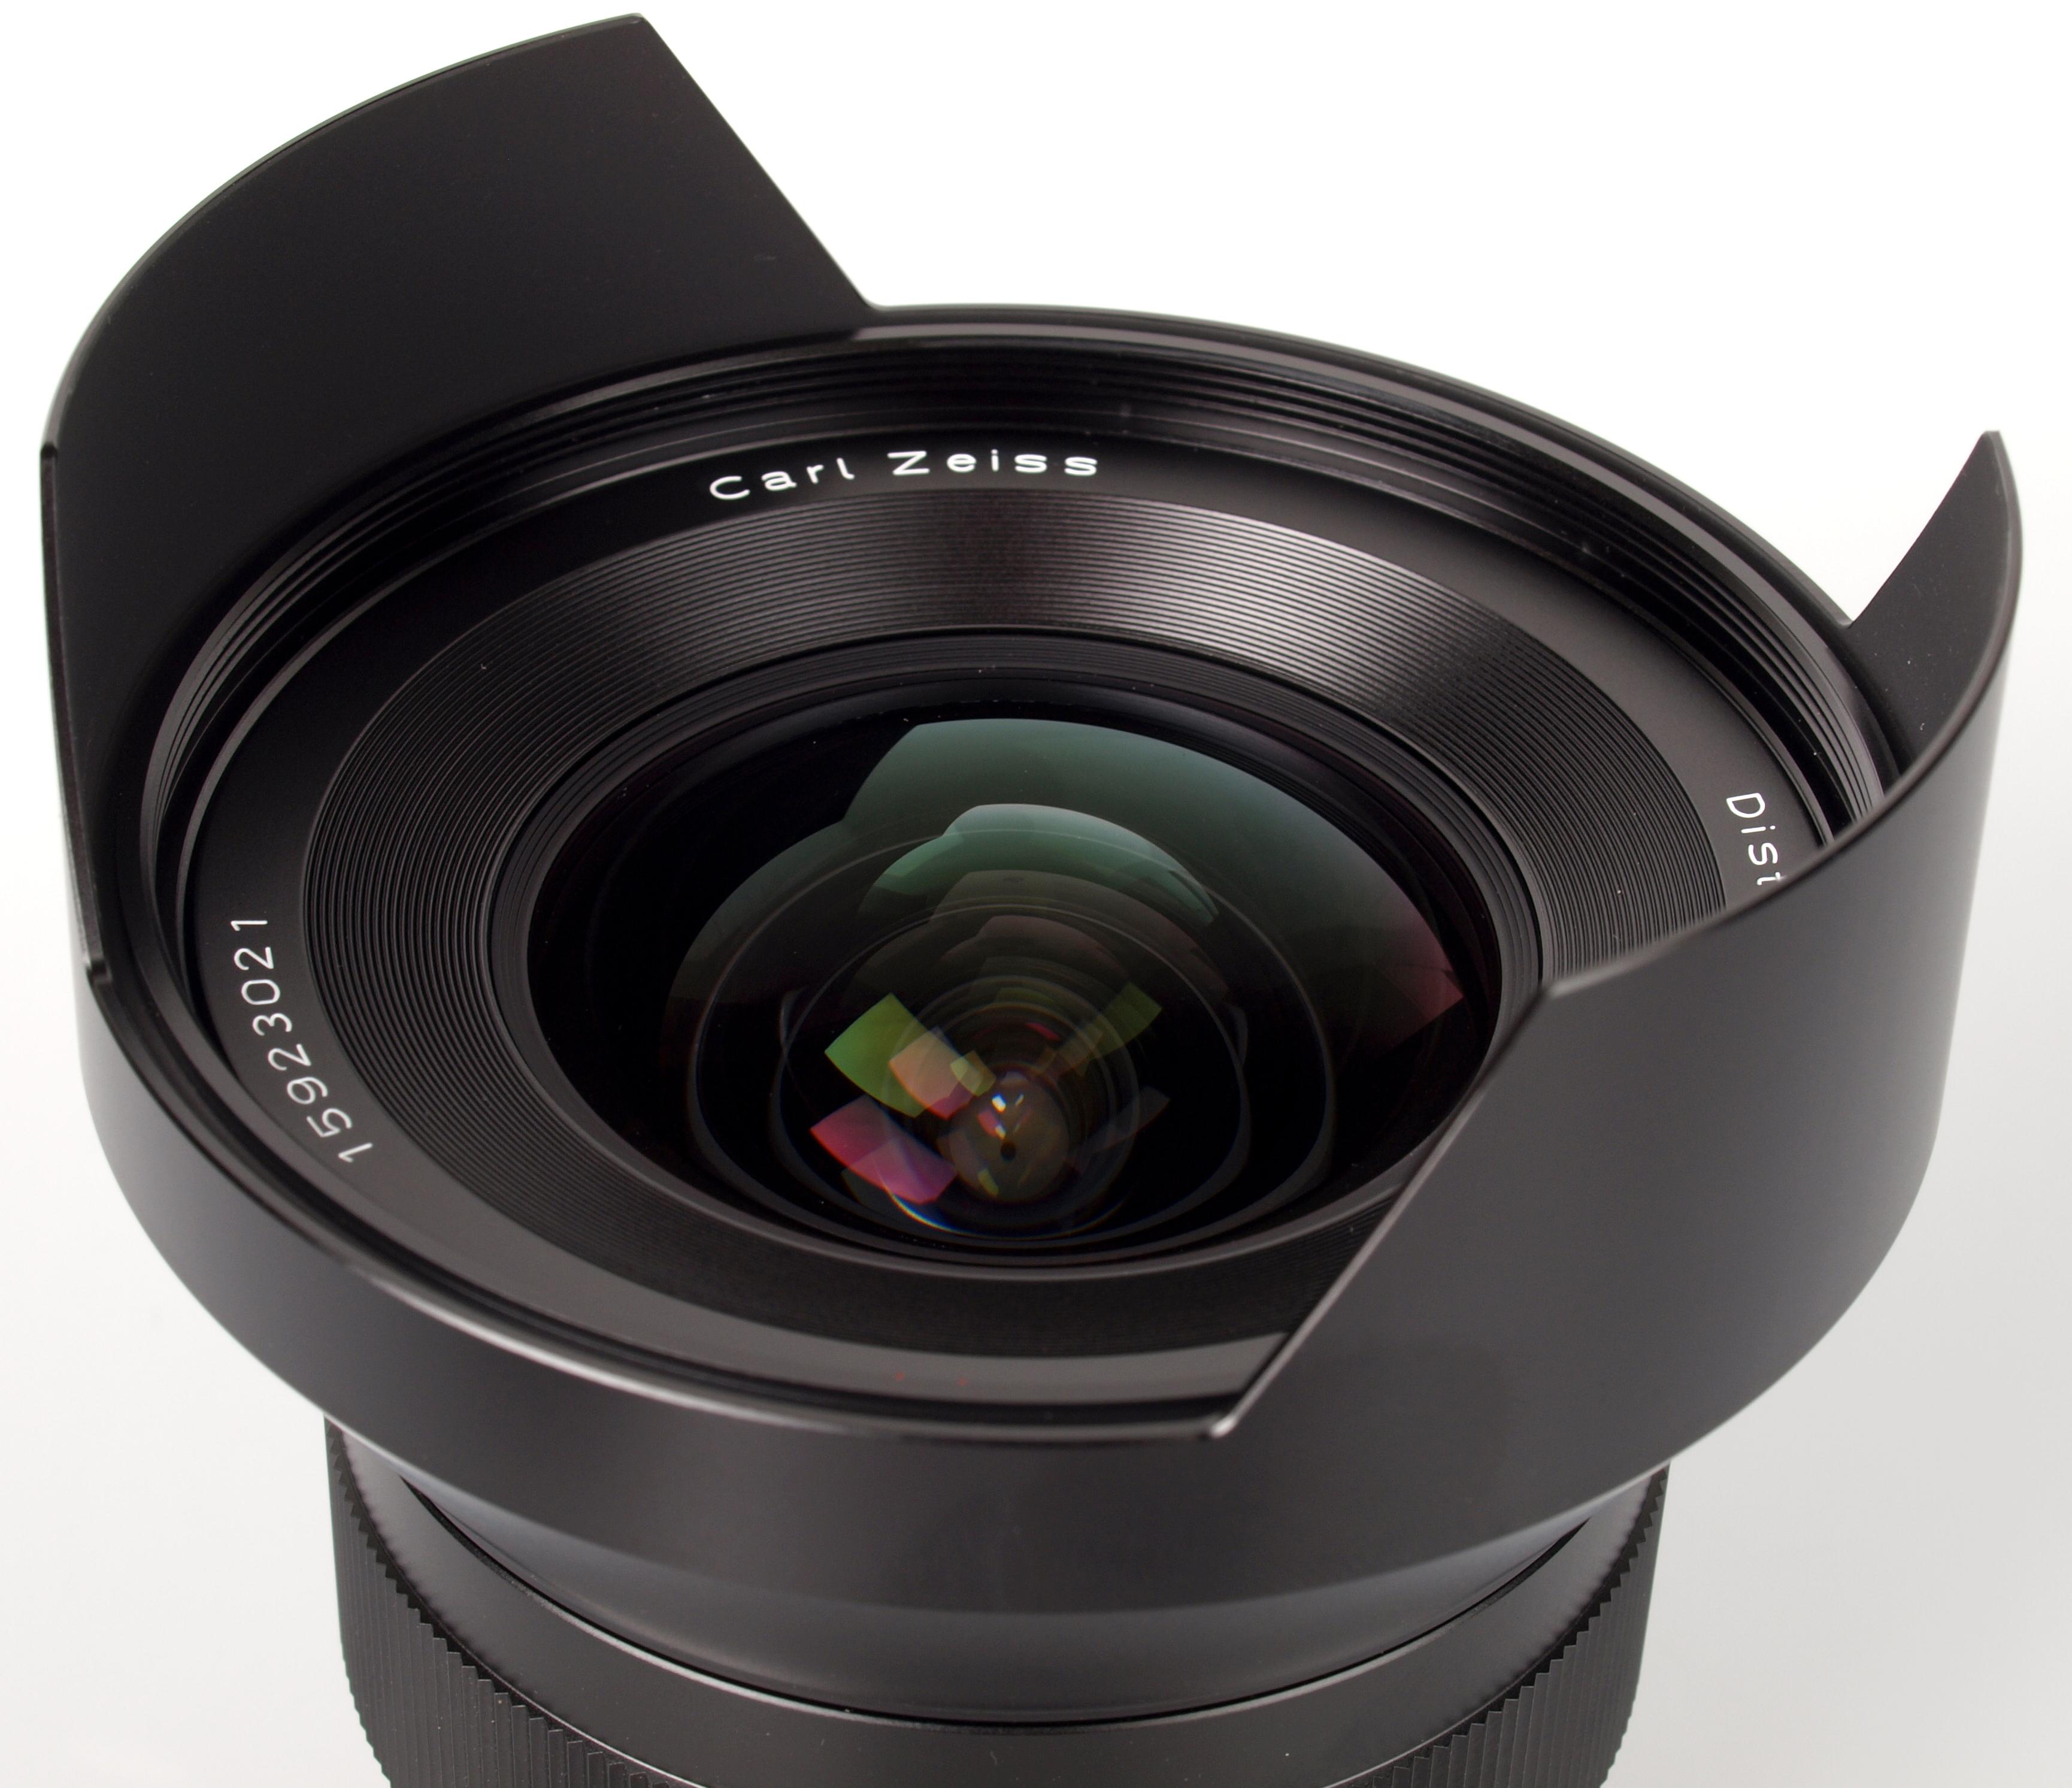 Zeiss Milvus 15mm f/2.8 ZF.2 Lens Review (ephotozine